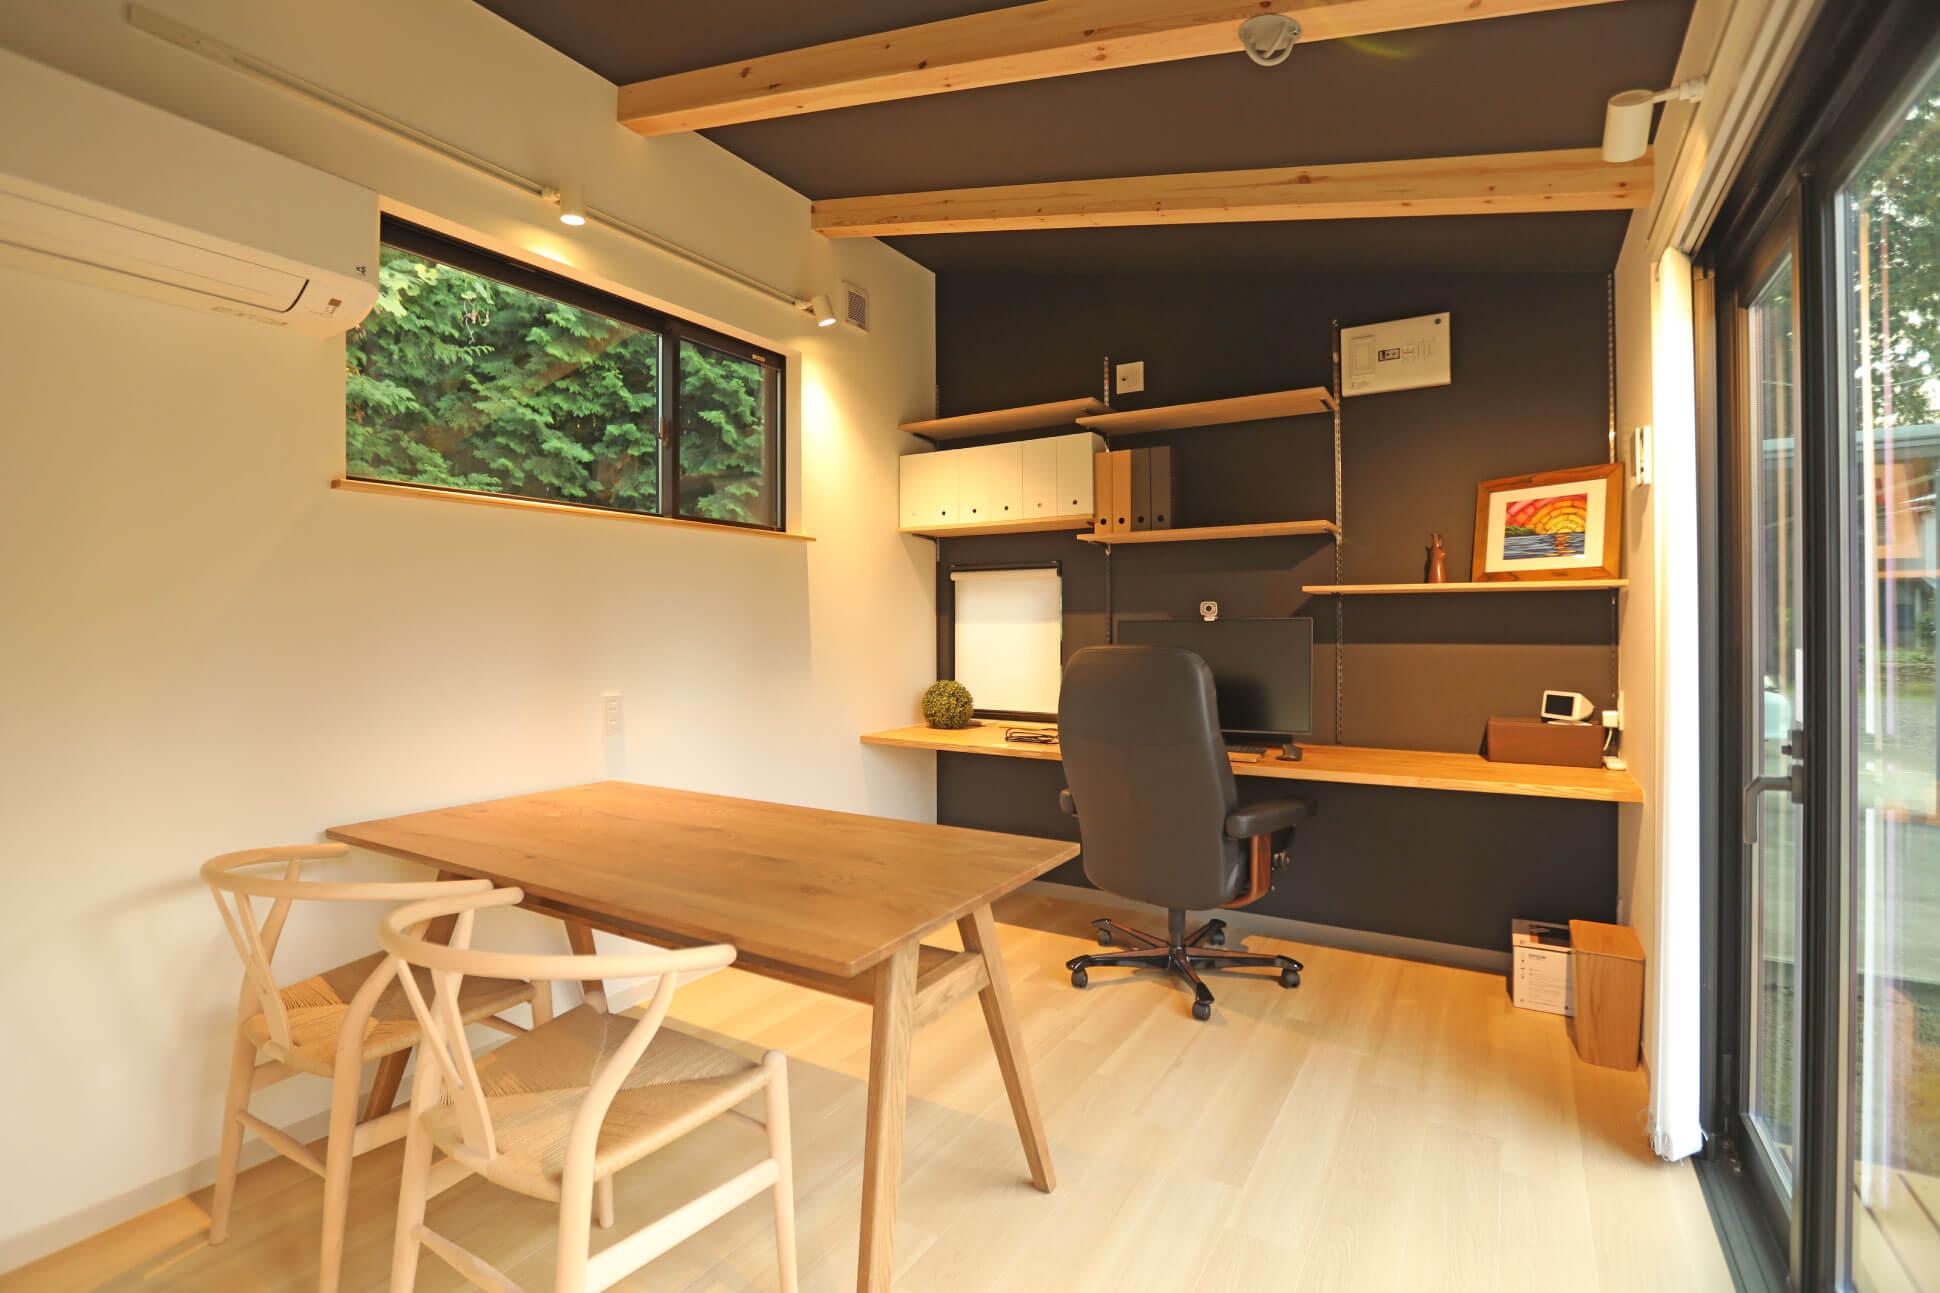 あらわしの梁、小屋を超えるデザイン 房総イズム